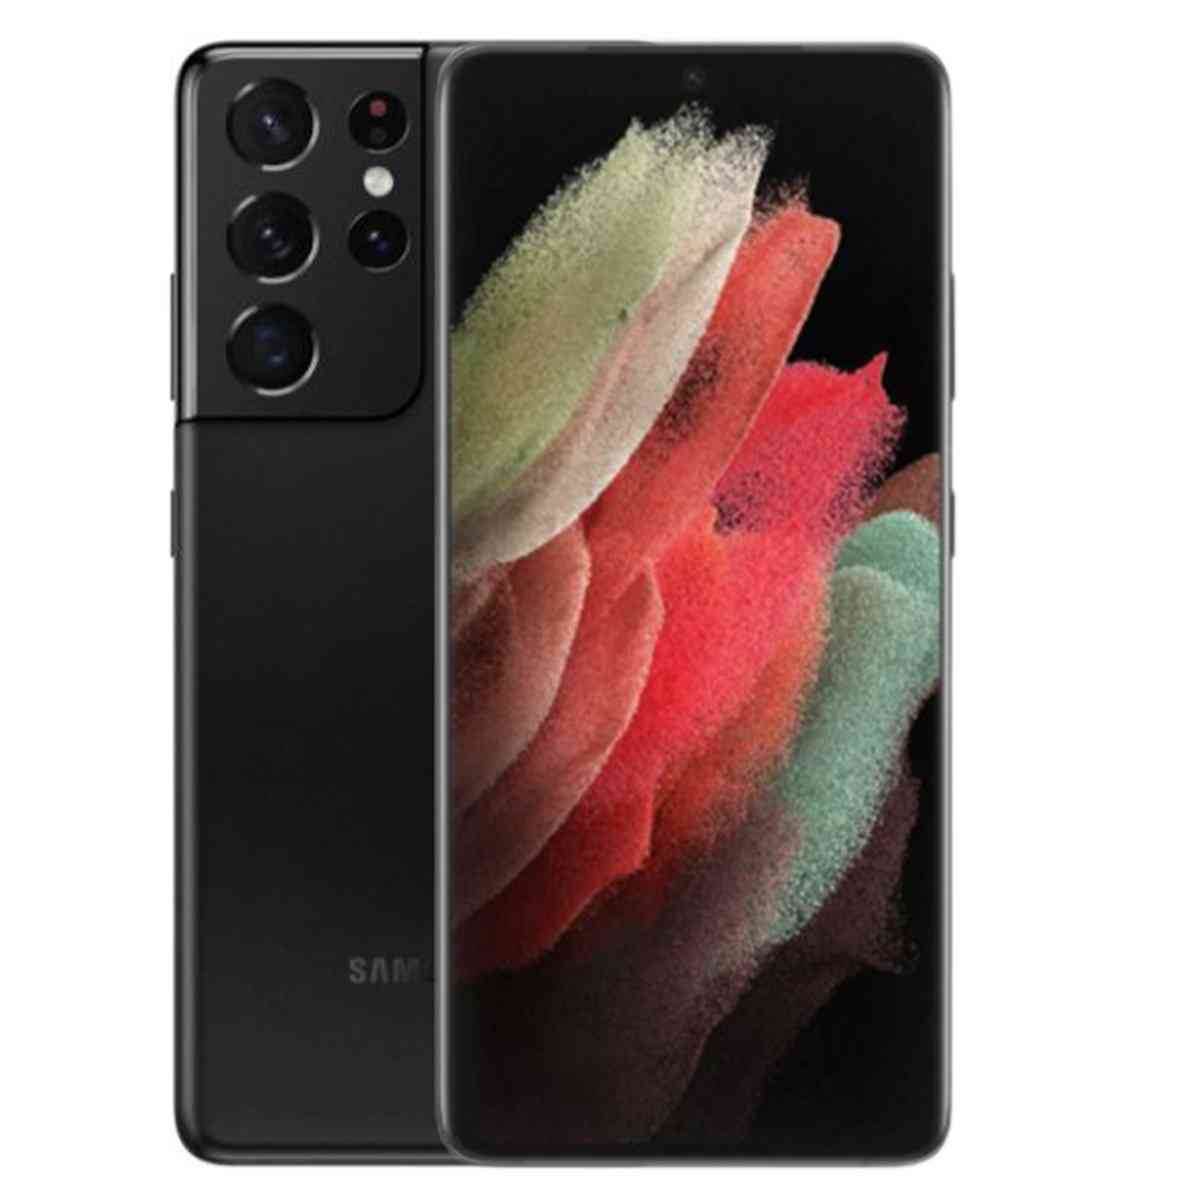 iphone 11 pro max 258 gb price